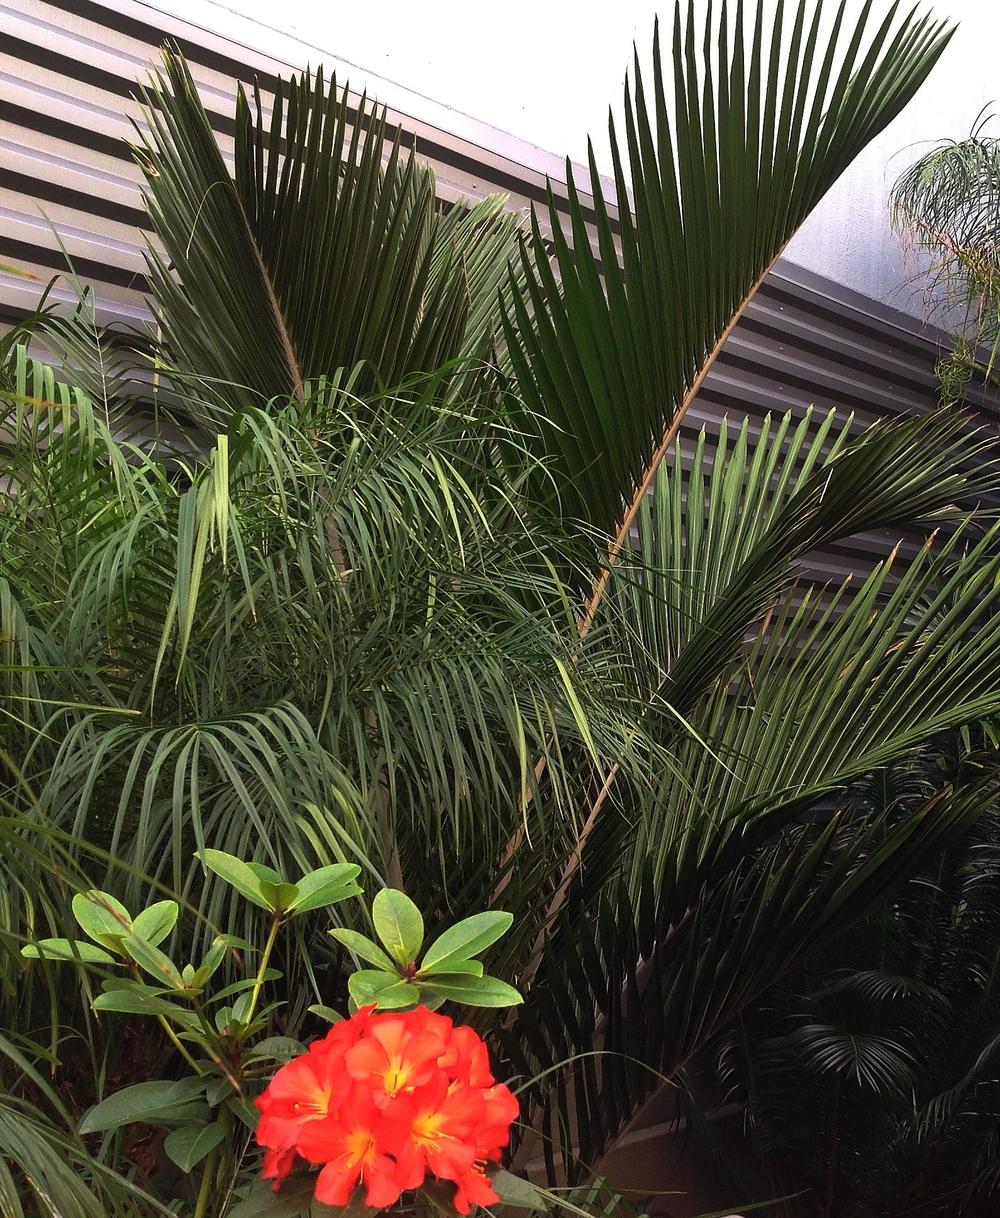 Shaving Brush and Phoenix Roebellini Palms